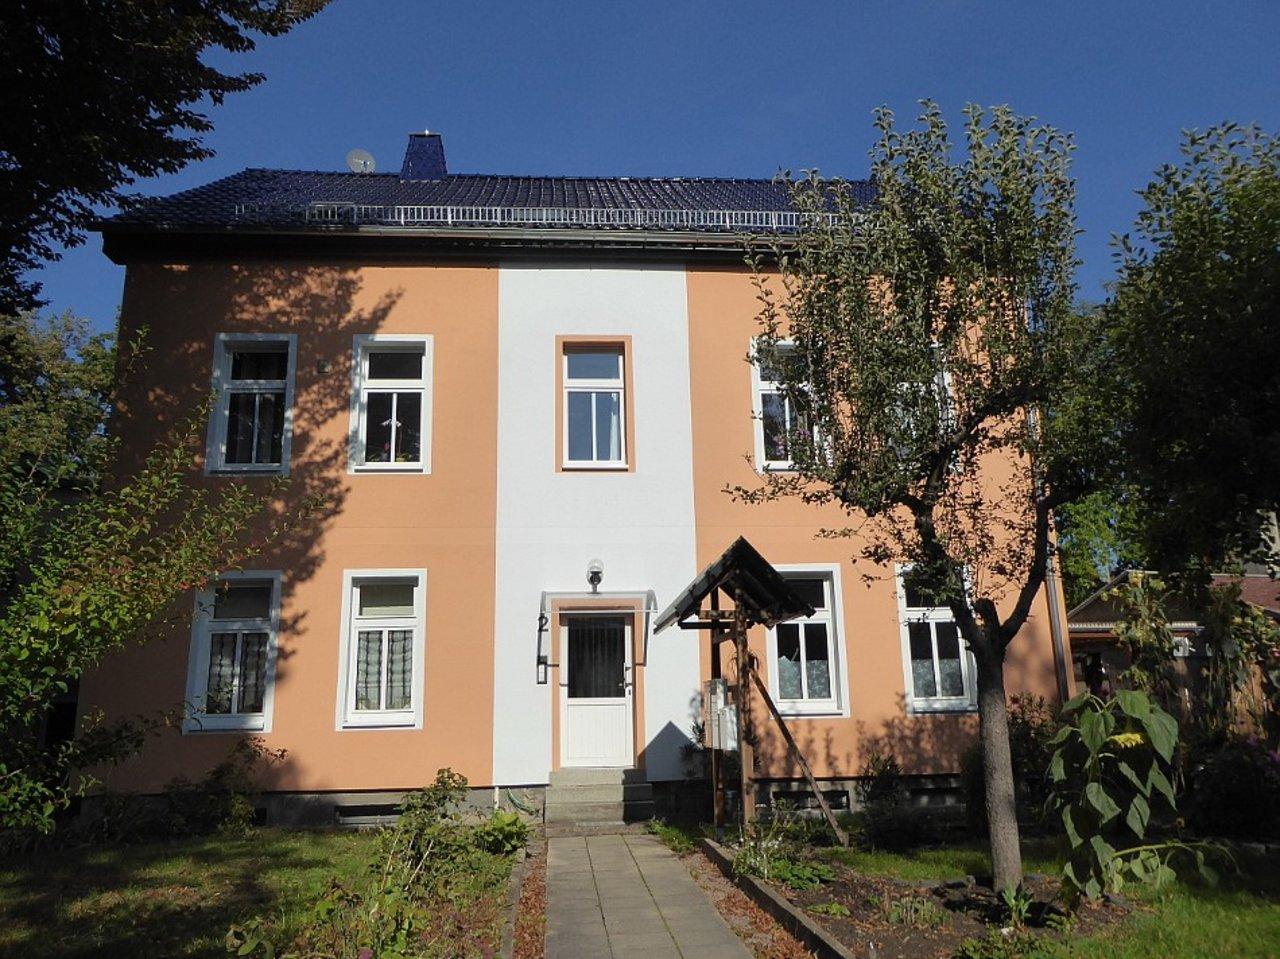 Individuelle 3-Zimmer-DG-Wohnung mit ausgebautem Dachspitz in Arnstadt-Hausansicht